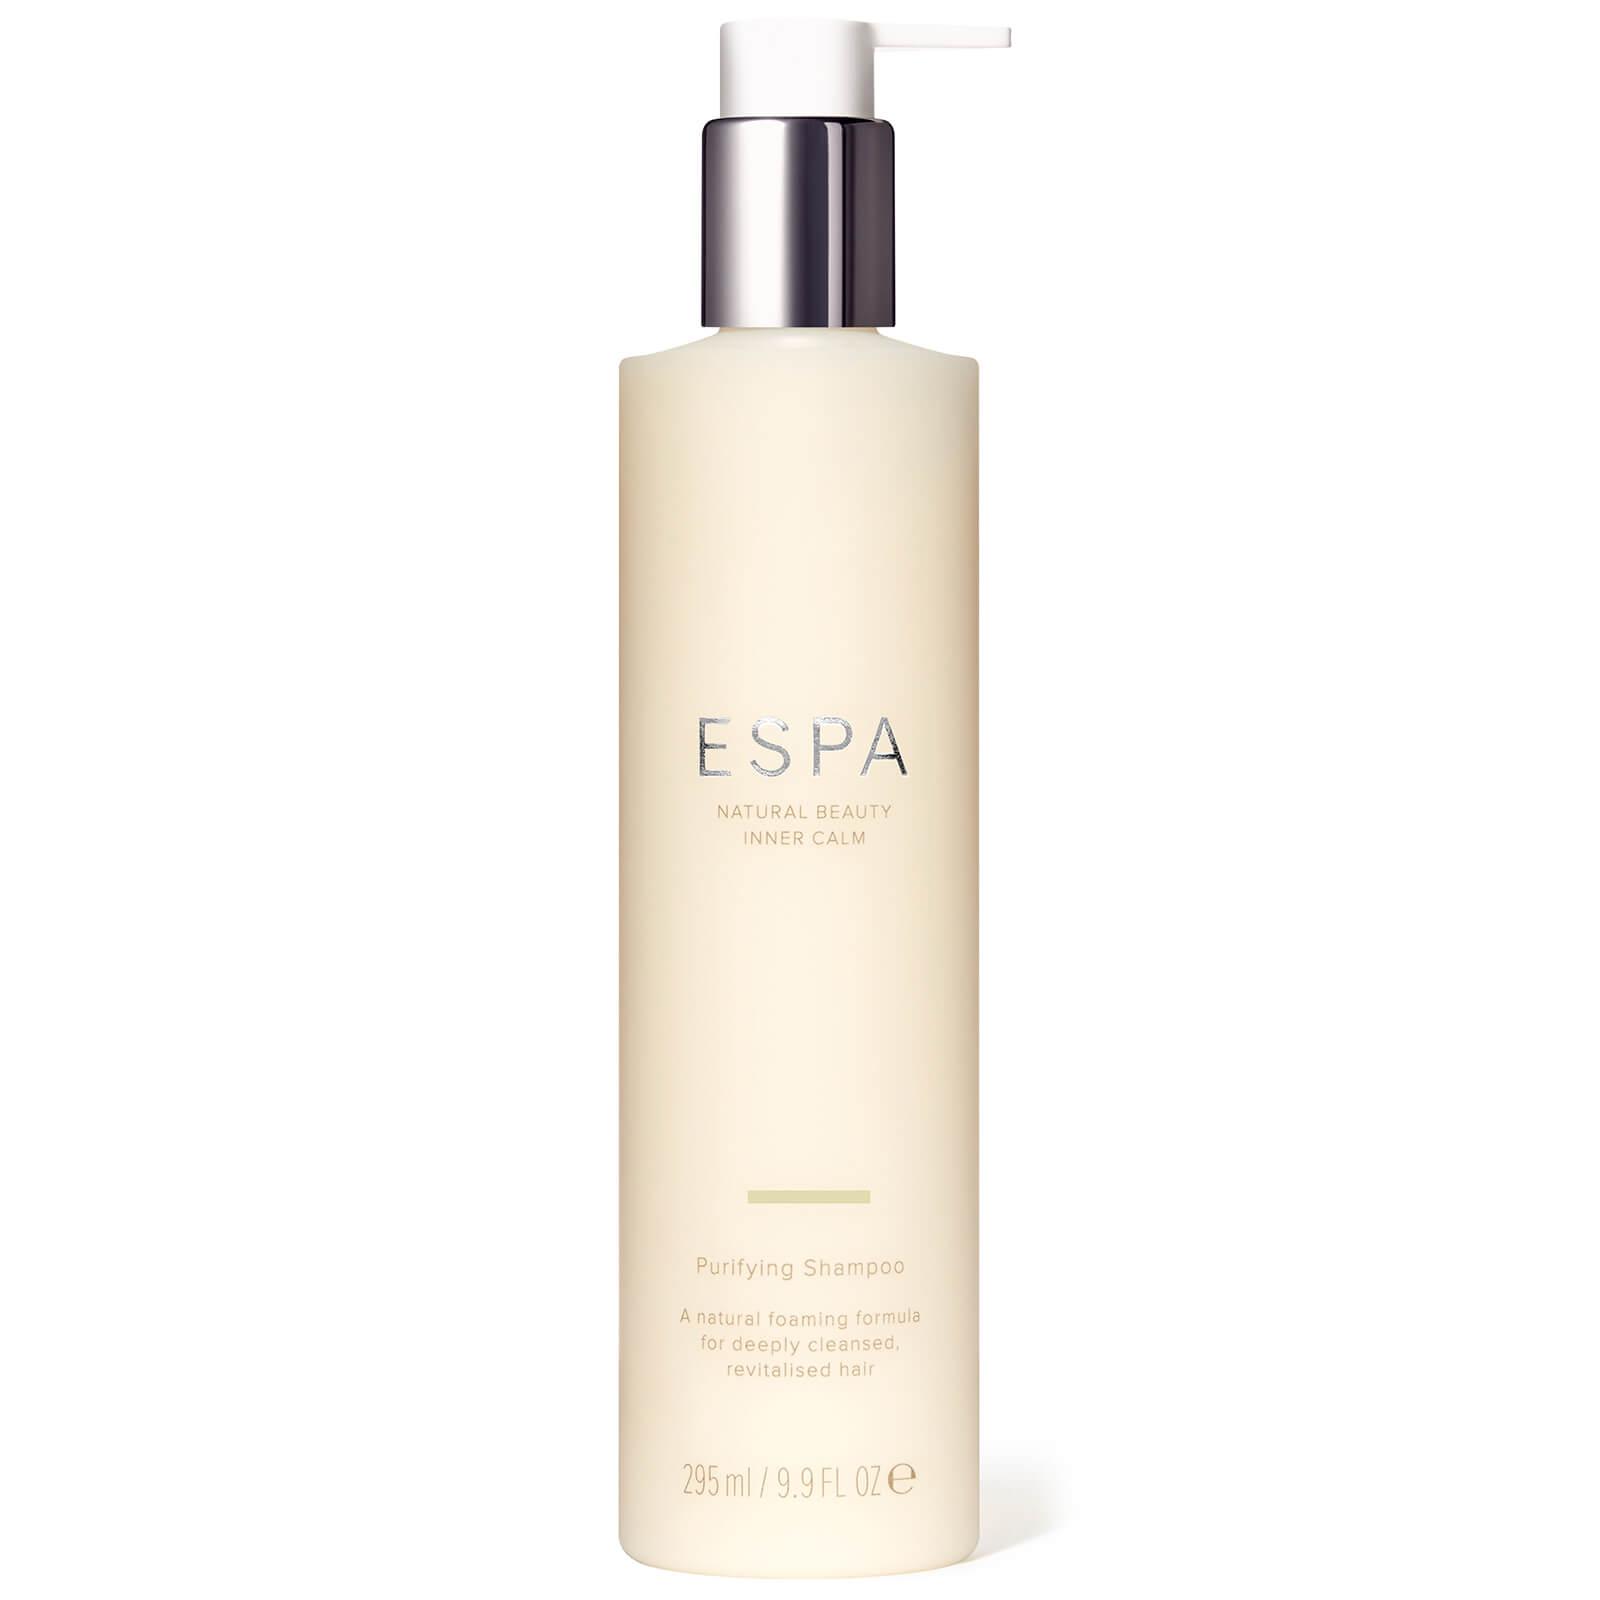 ESPA Shampoing Purifiant Purifying Shampoo ESPA 295ml